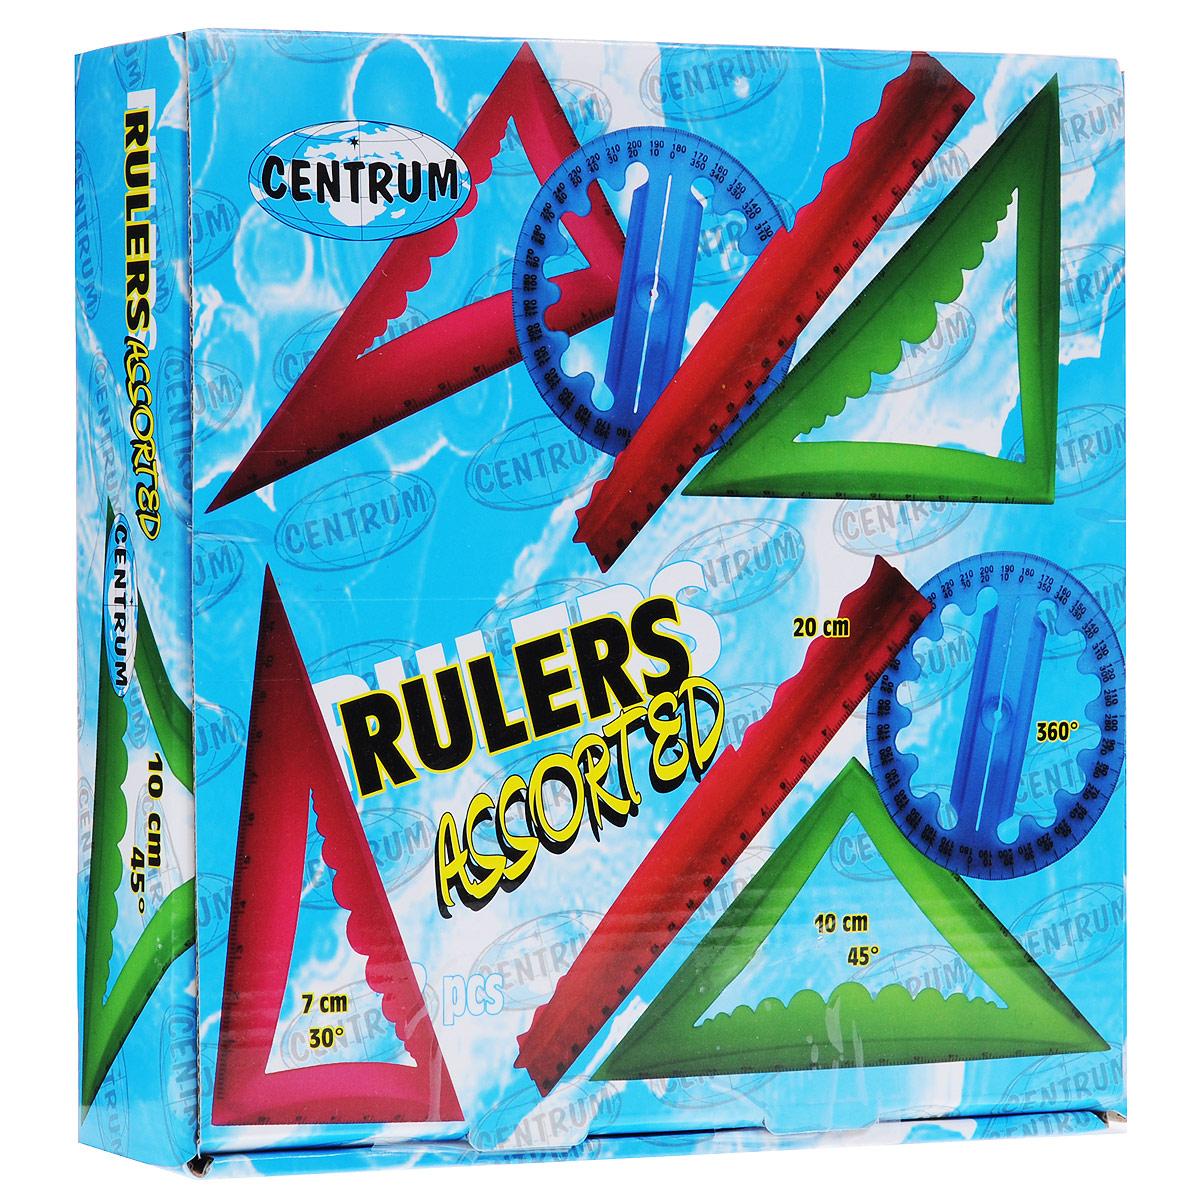 Набор объемных линеек Centrum, 48 шт31526Набор Centrum включает 48 объемных линеек: 12 линеек 20 см, 12 треугольников 30°, 12 треугольников 45° и 12 транспортиров 360°. Линейки представлены четырех цветов: оранжевого, розового, синего и зеленого (по три линейки каждого цвета и каждого вида).